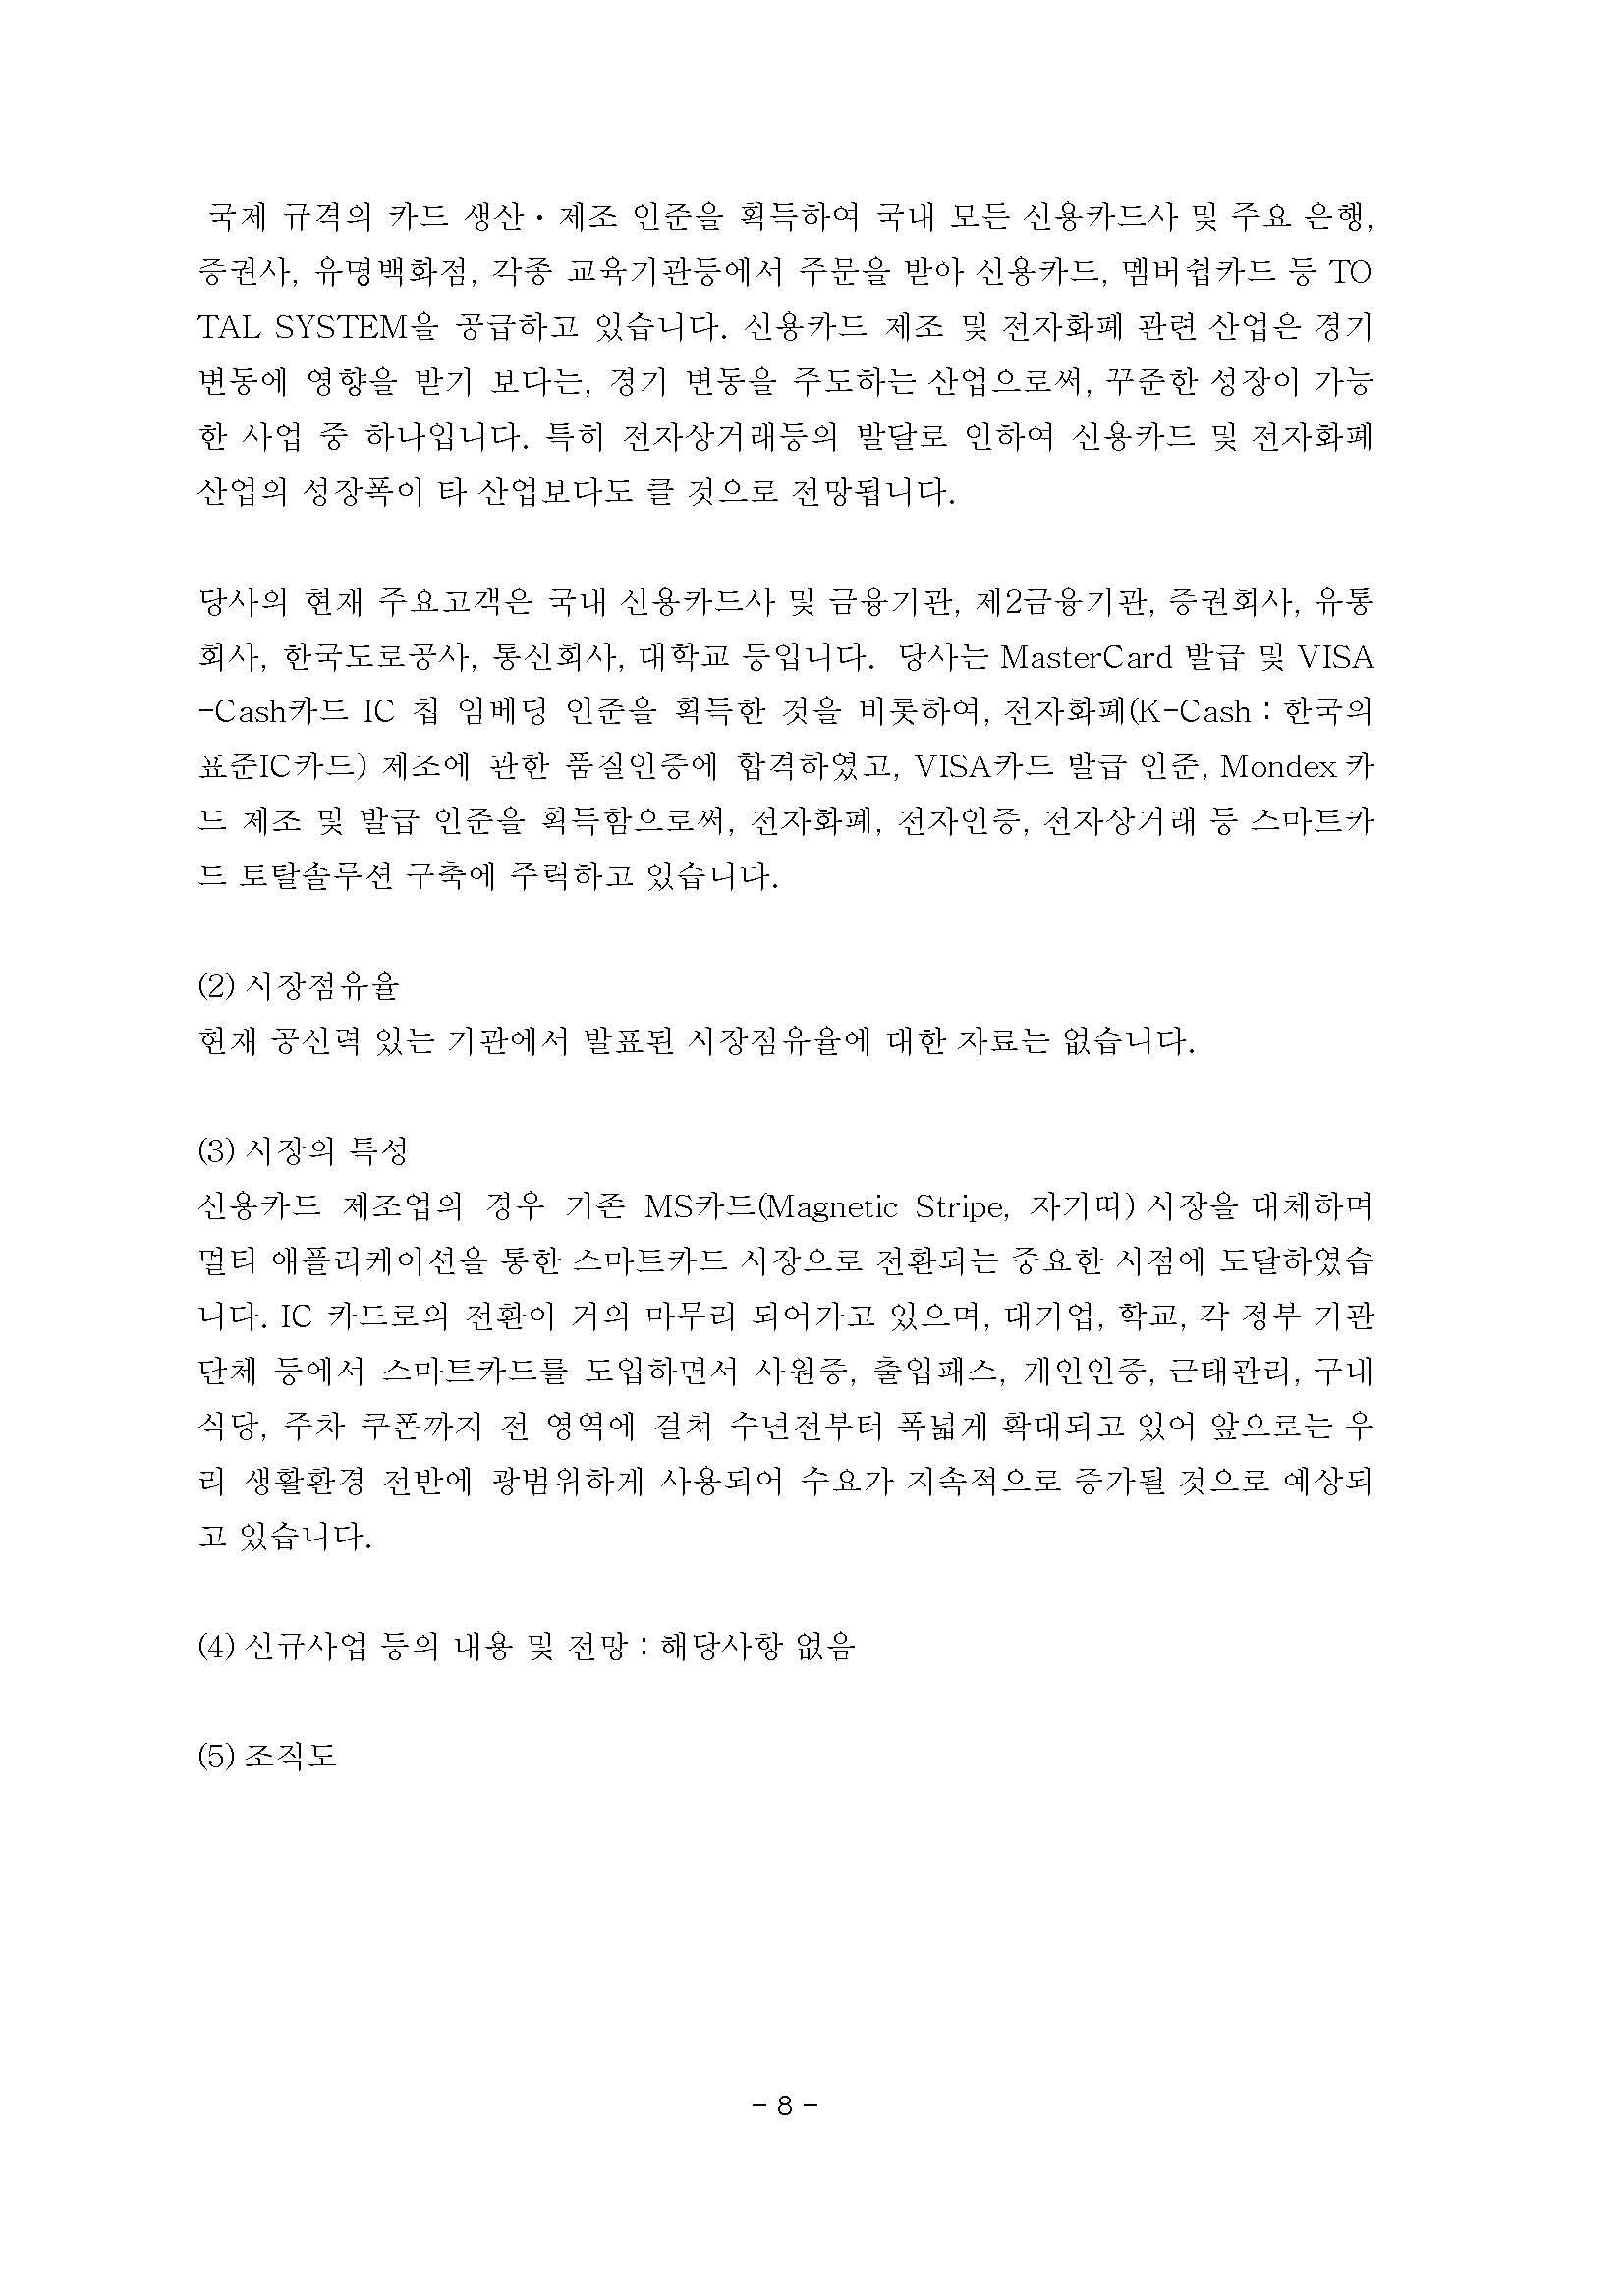 20160311 주주총회 소집공고-바이오_페이지_09.jpg